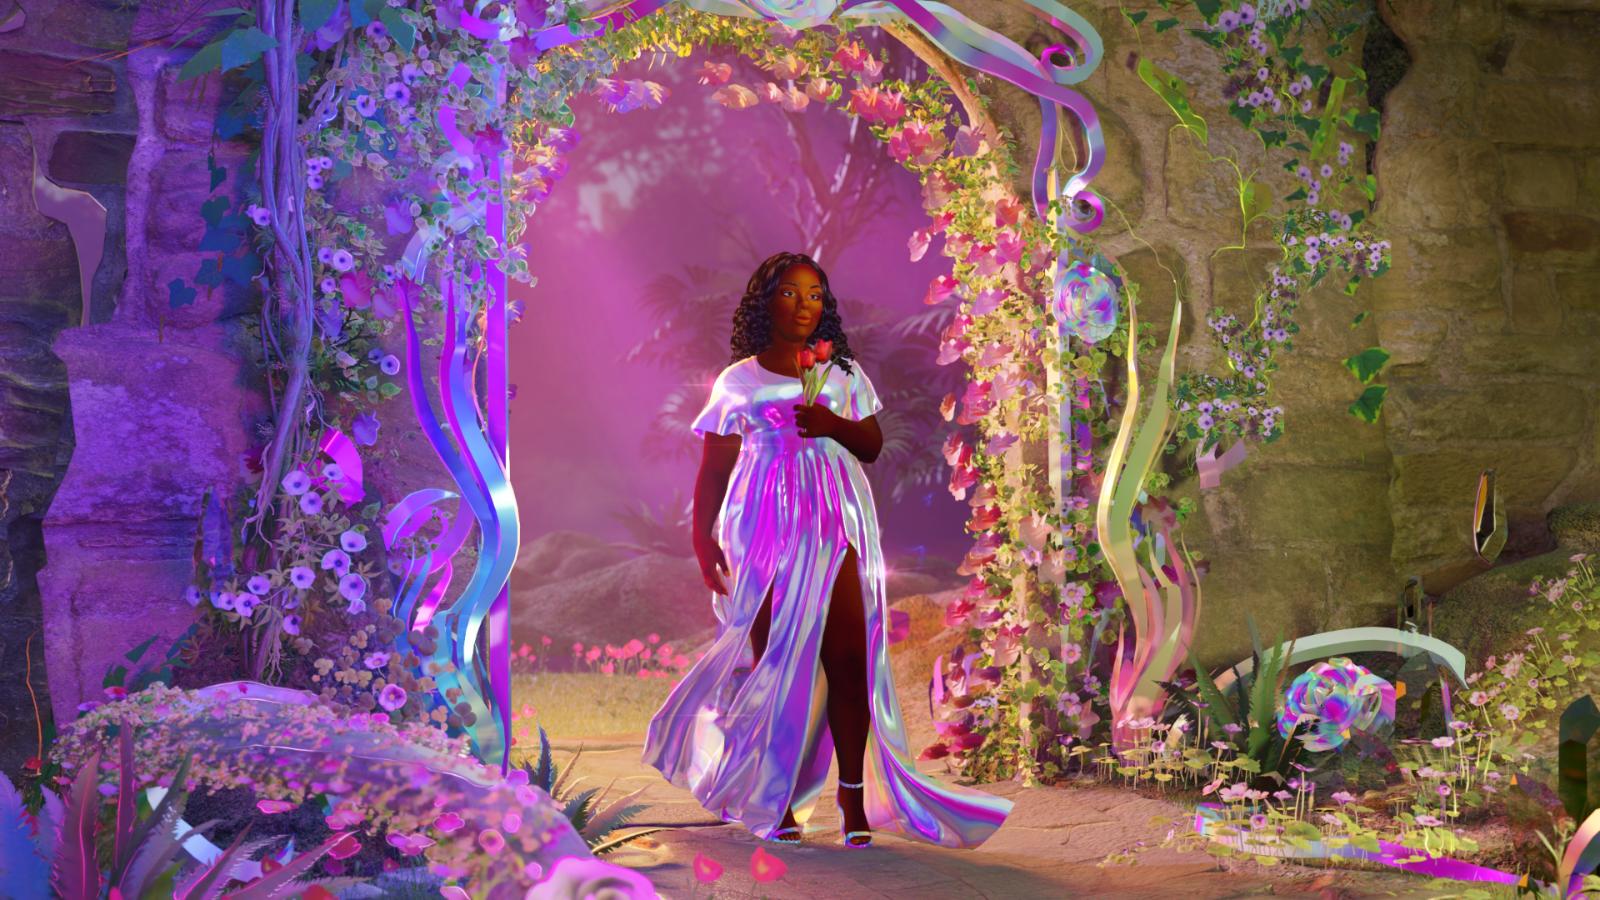 Breonna's Garden: An AR Experience to Foster Healing